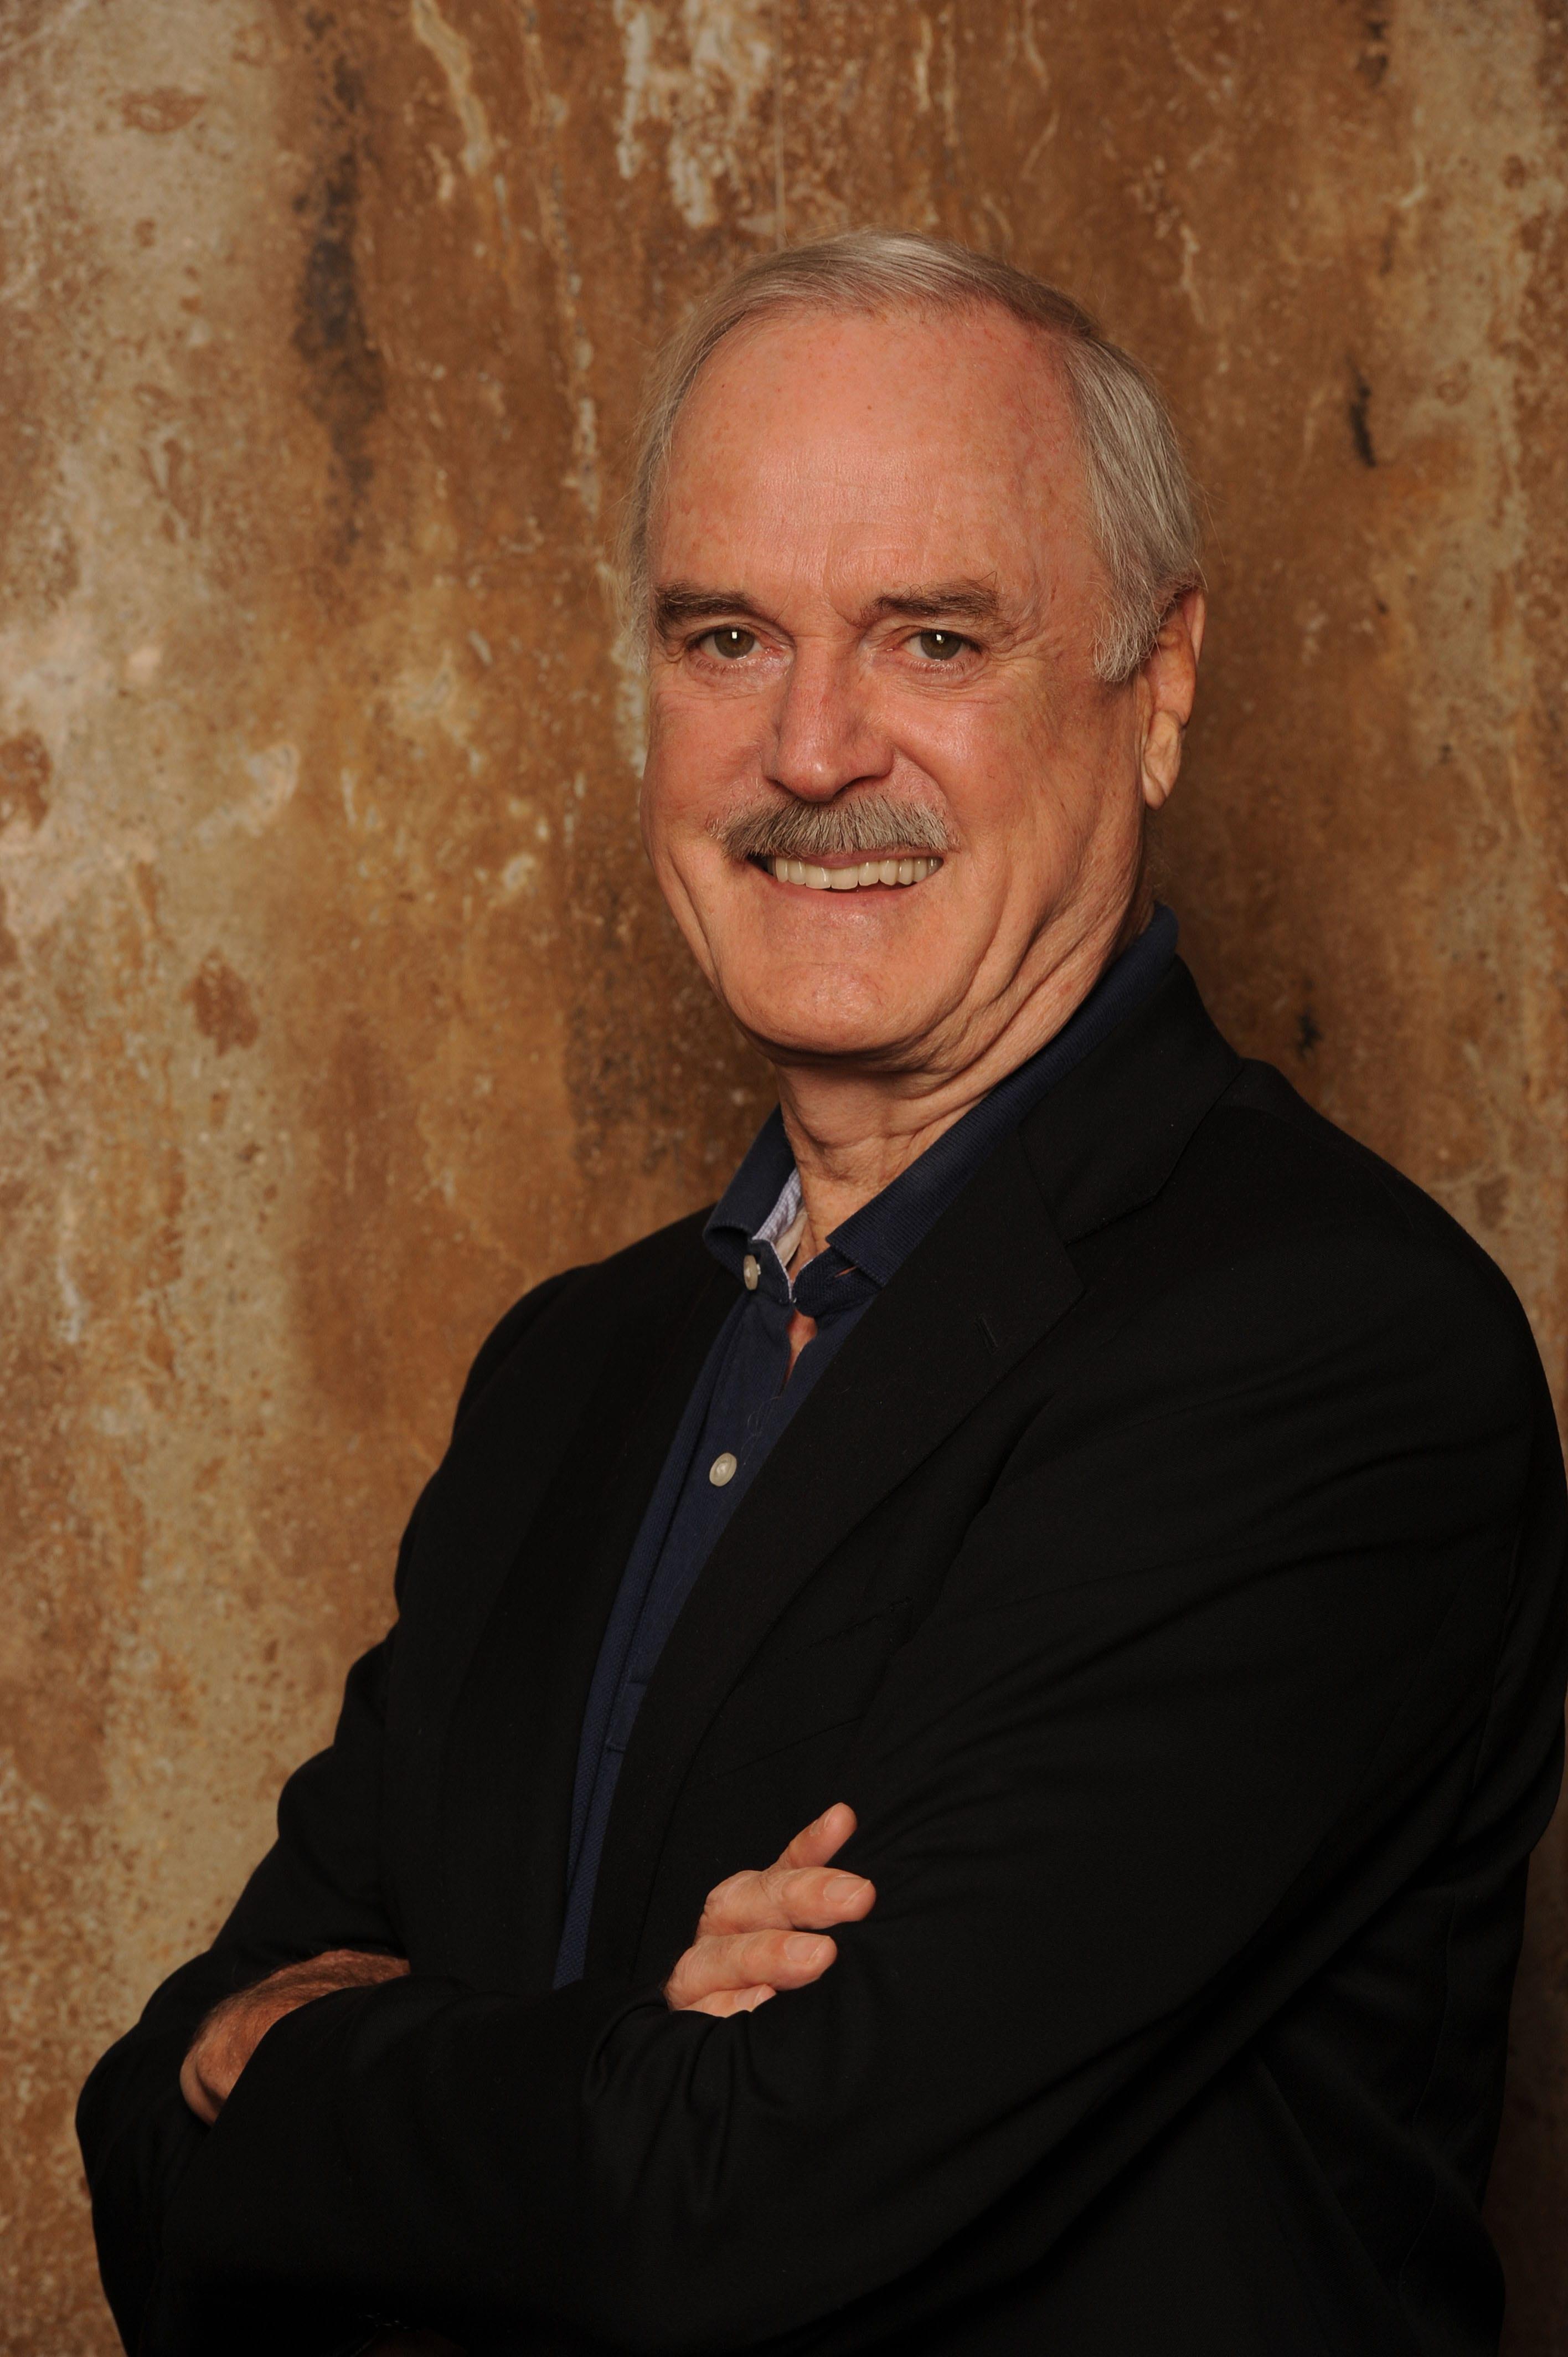 St. Louis Speakers Series - John Cleese - MPress